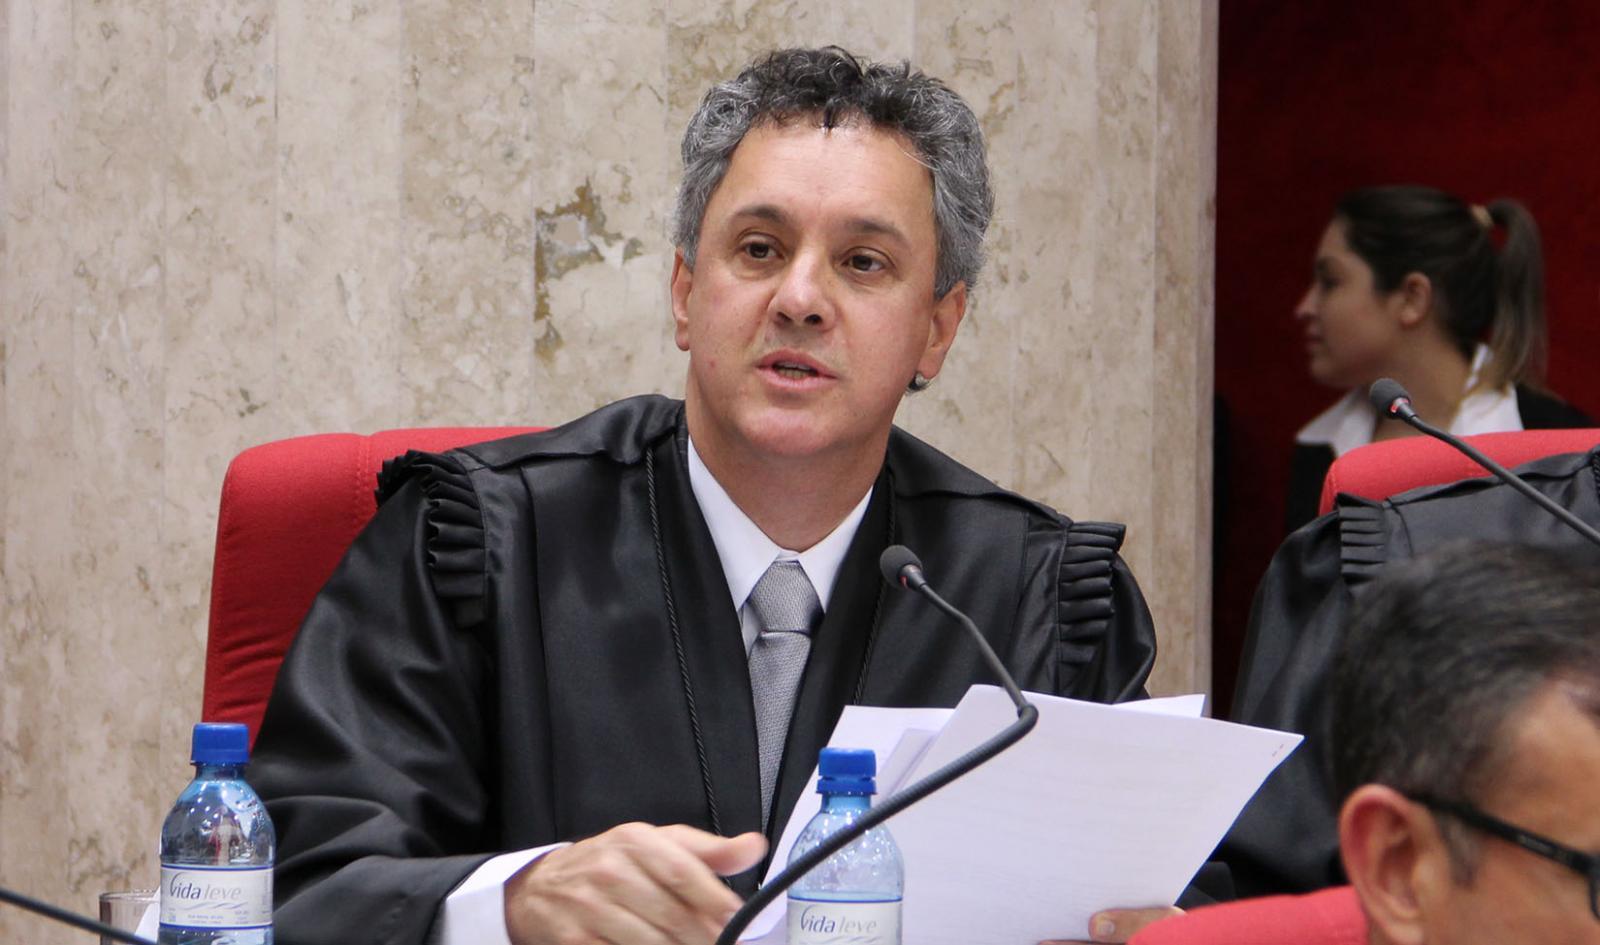 Relator da Lava Jato em segunda instância, Gebran Neto, determina que Lula seja mantido preso